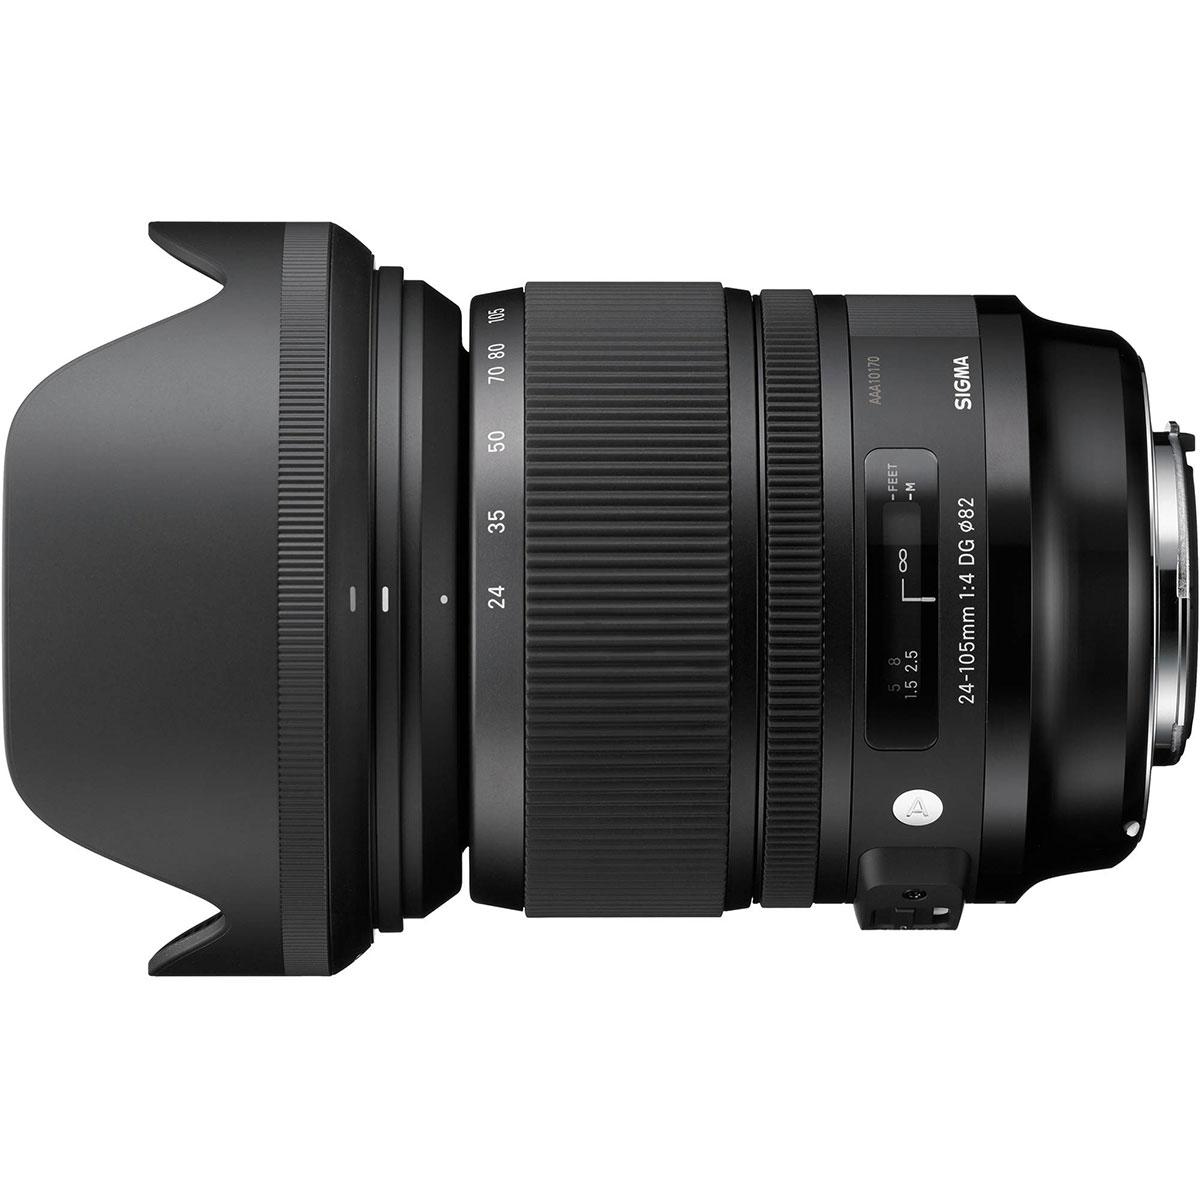 لنز سیگما مدل 24-105mm f/4 DG OS مناسب برای دوربین کانن